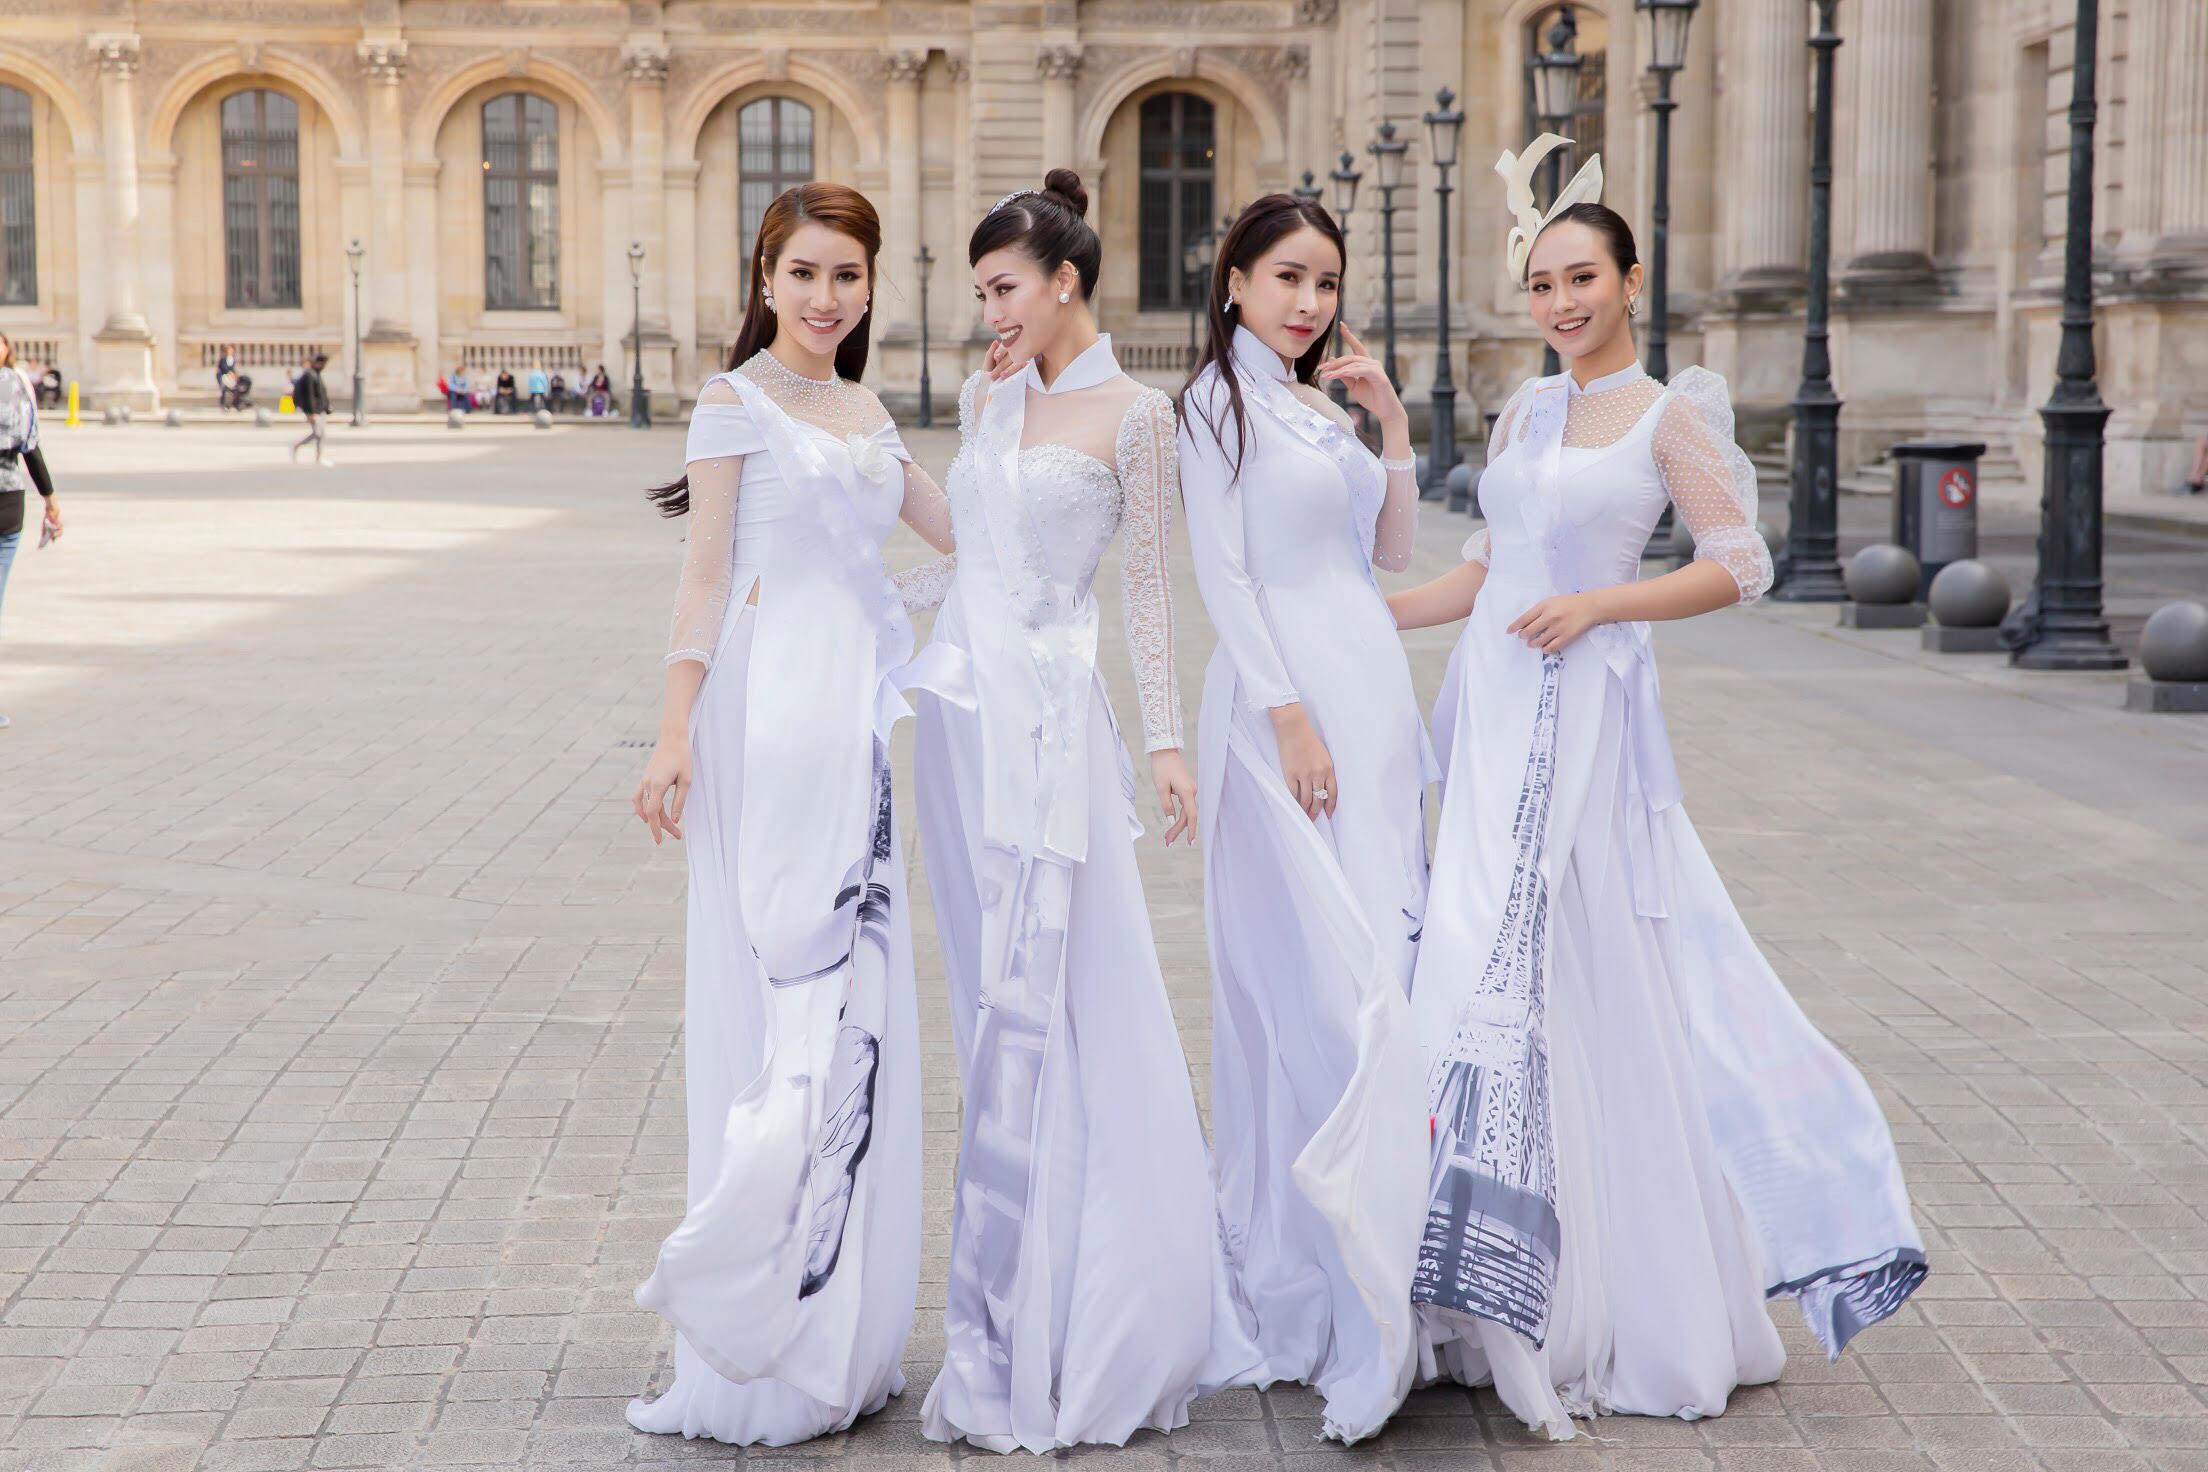 Hoa hậu Du lịch Việt Nam Toàn cầu được cấp phép tổ chức mùa đầu tiên